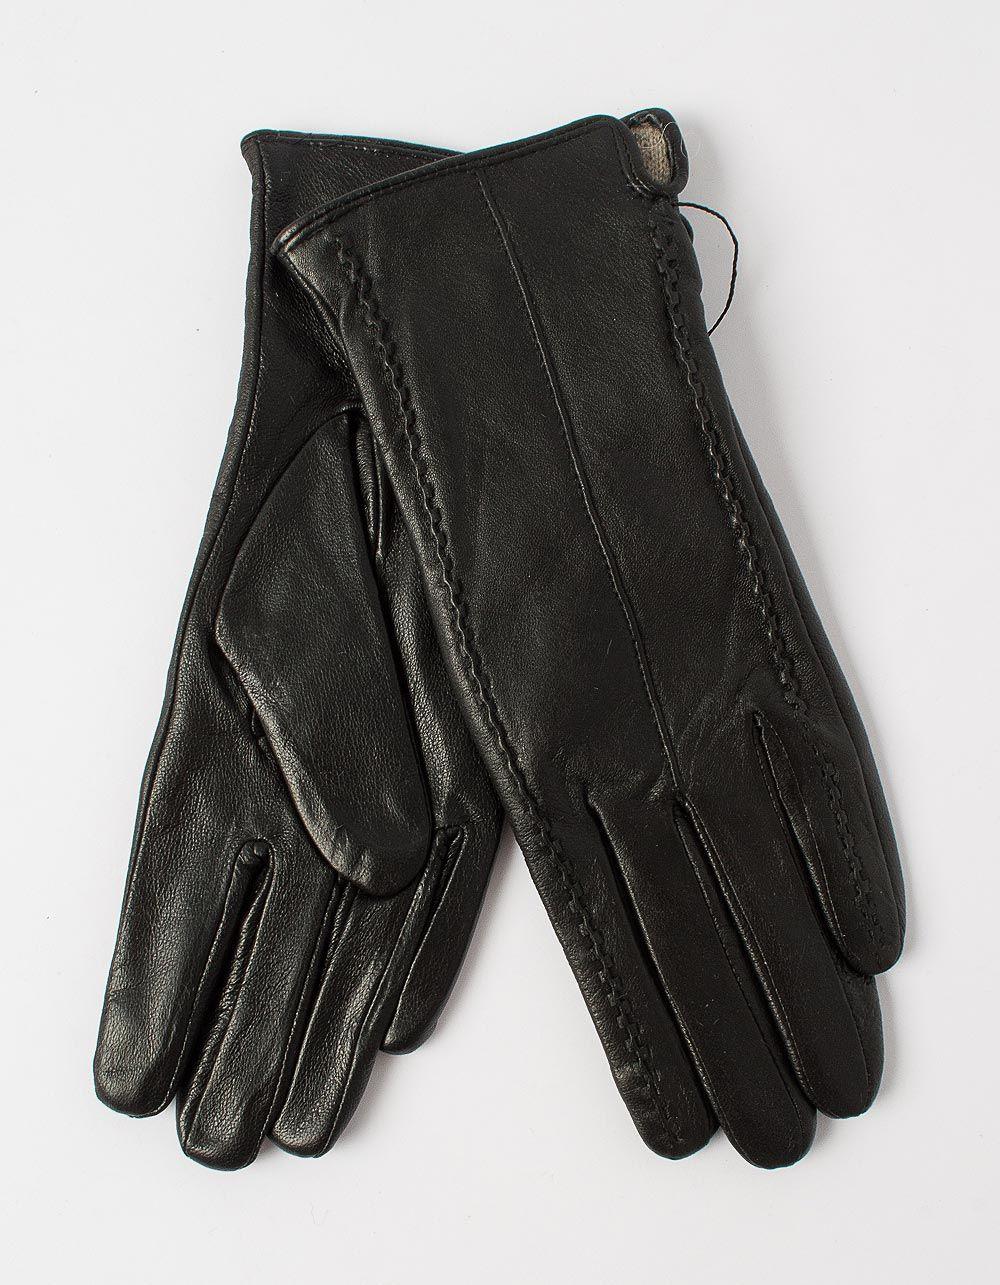 Перчатки из натуральной кожи с плетением | 227822-02-07